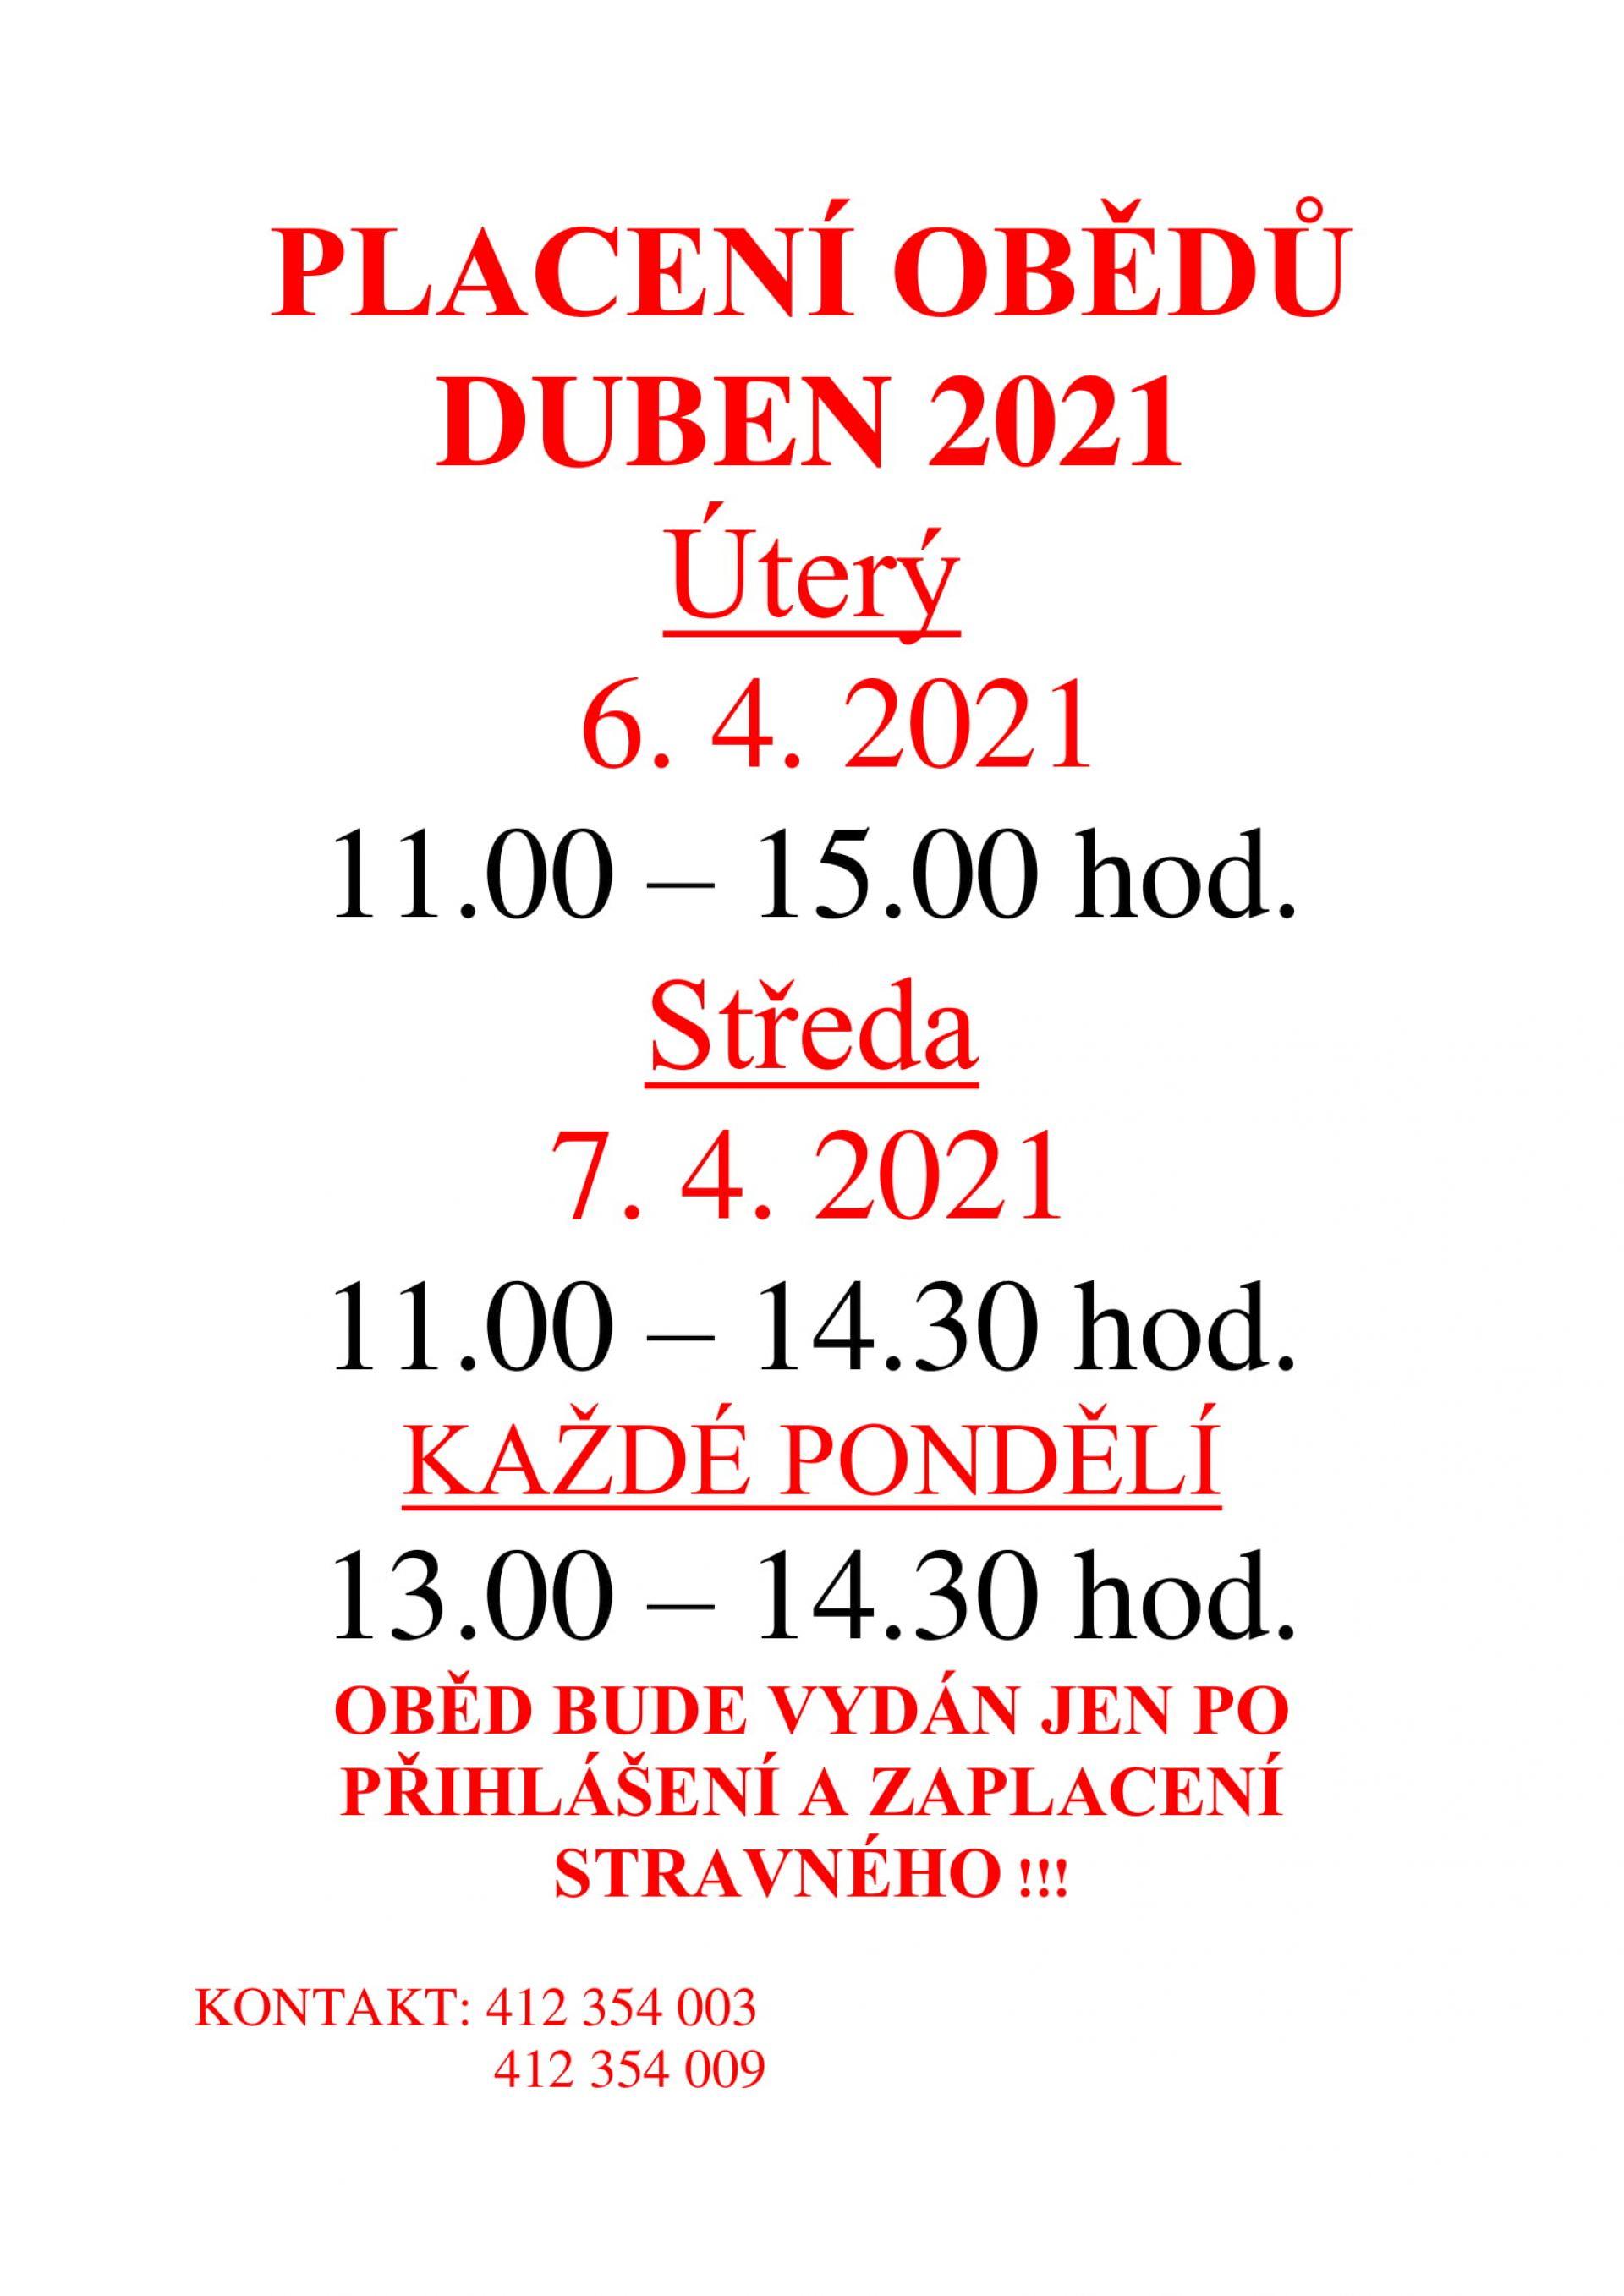 Placení obědu na duben 2021